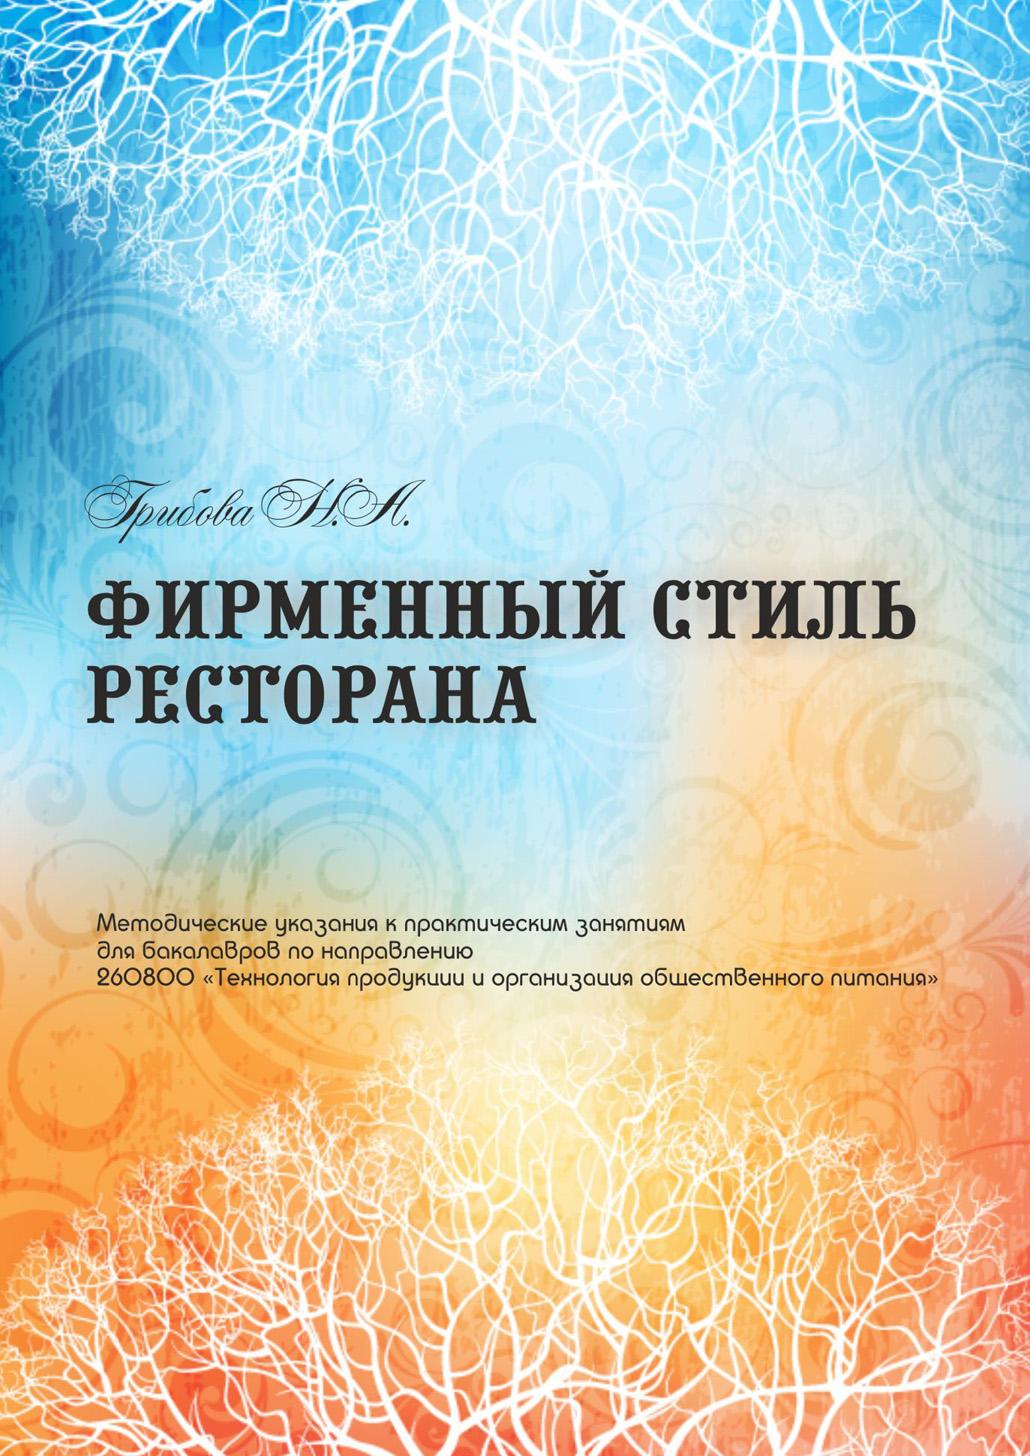 фото обложки издания Фирменный стиль ресторана